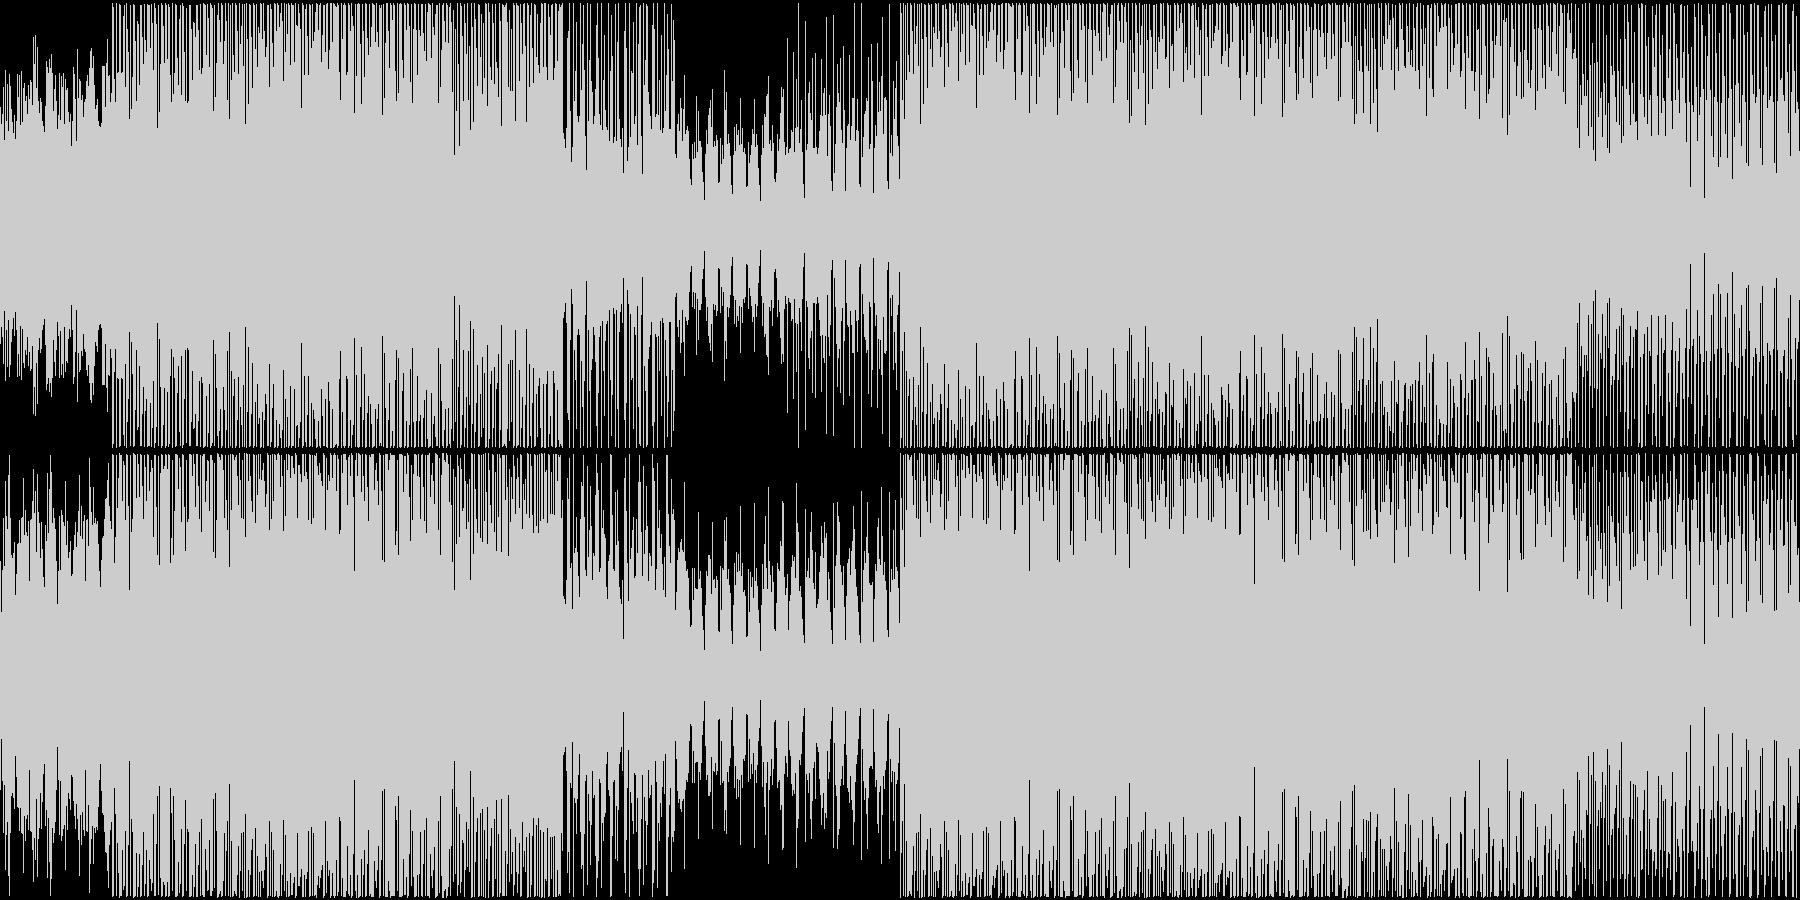 不思議 サイエンス 報道 ループ 番組の未再生の波形